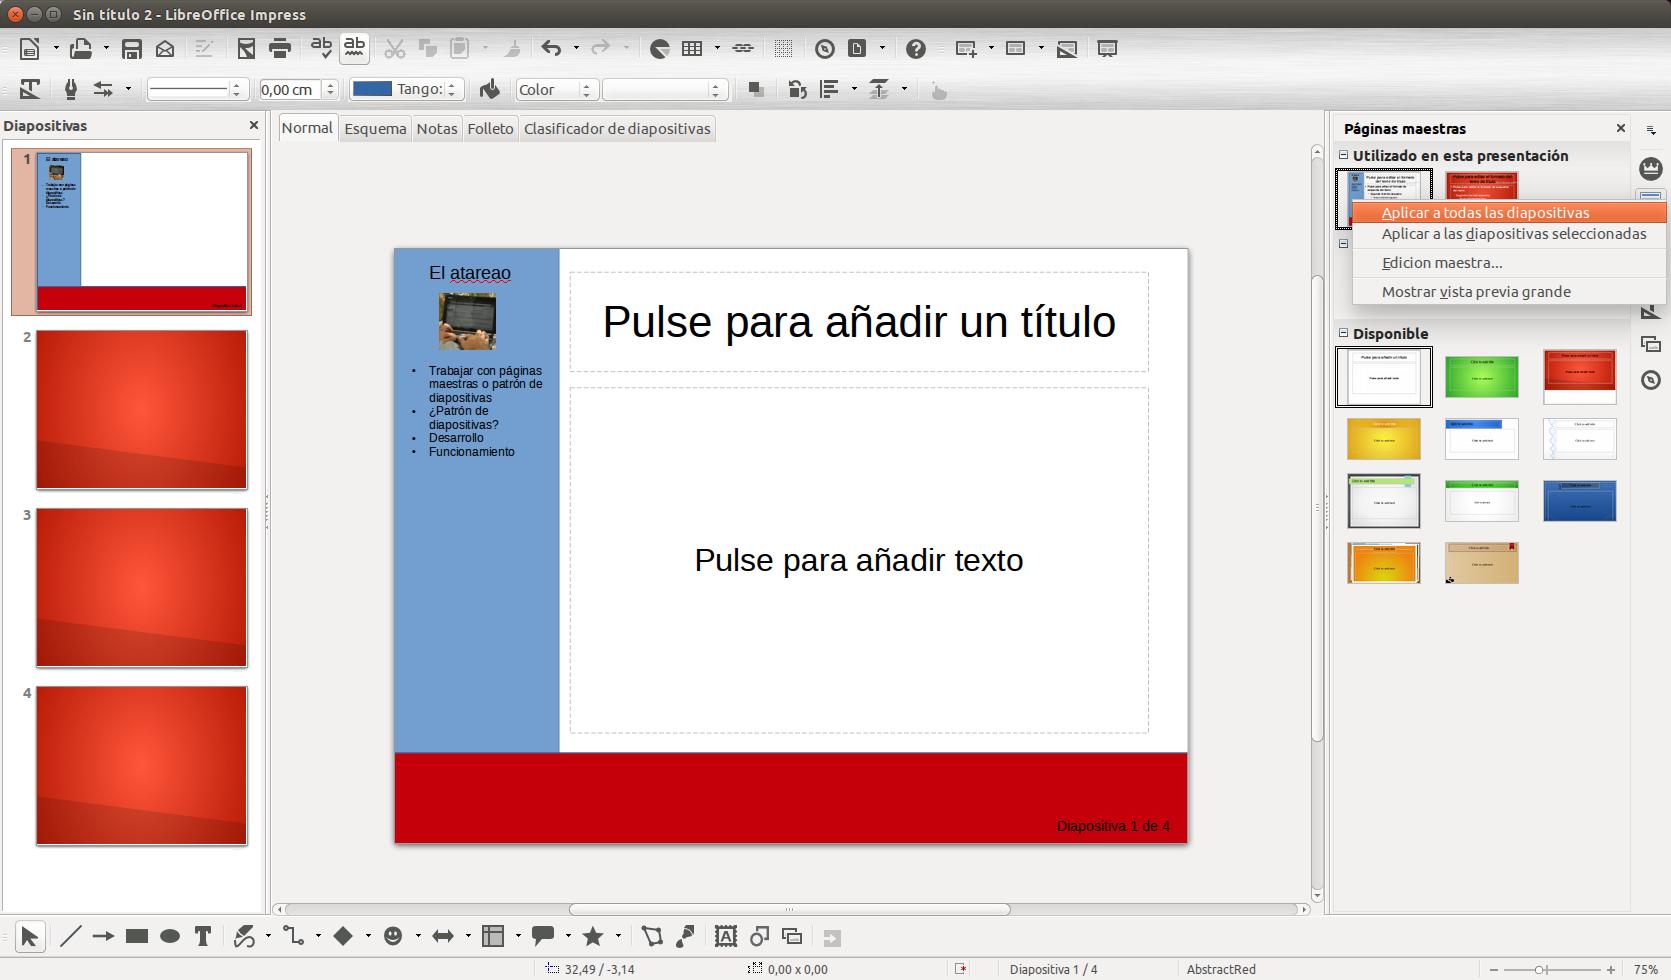 Como utilizar el patrón de diapositivas en Impress - El atareao